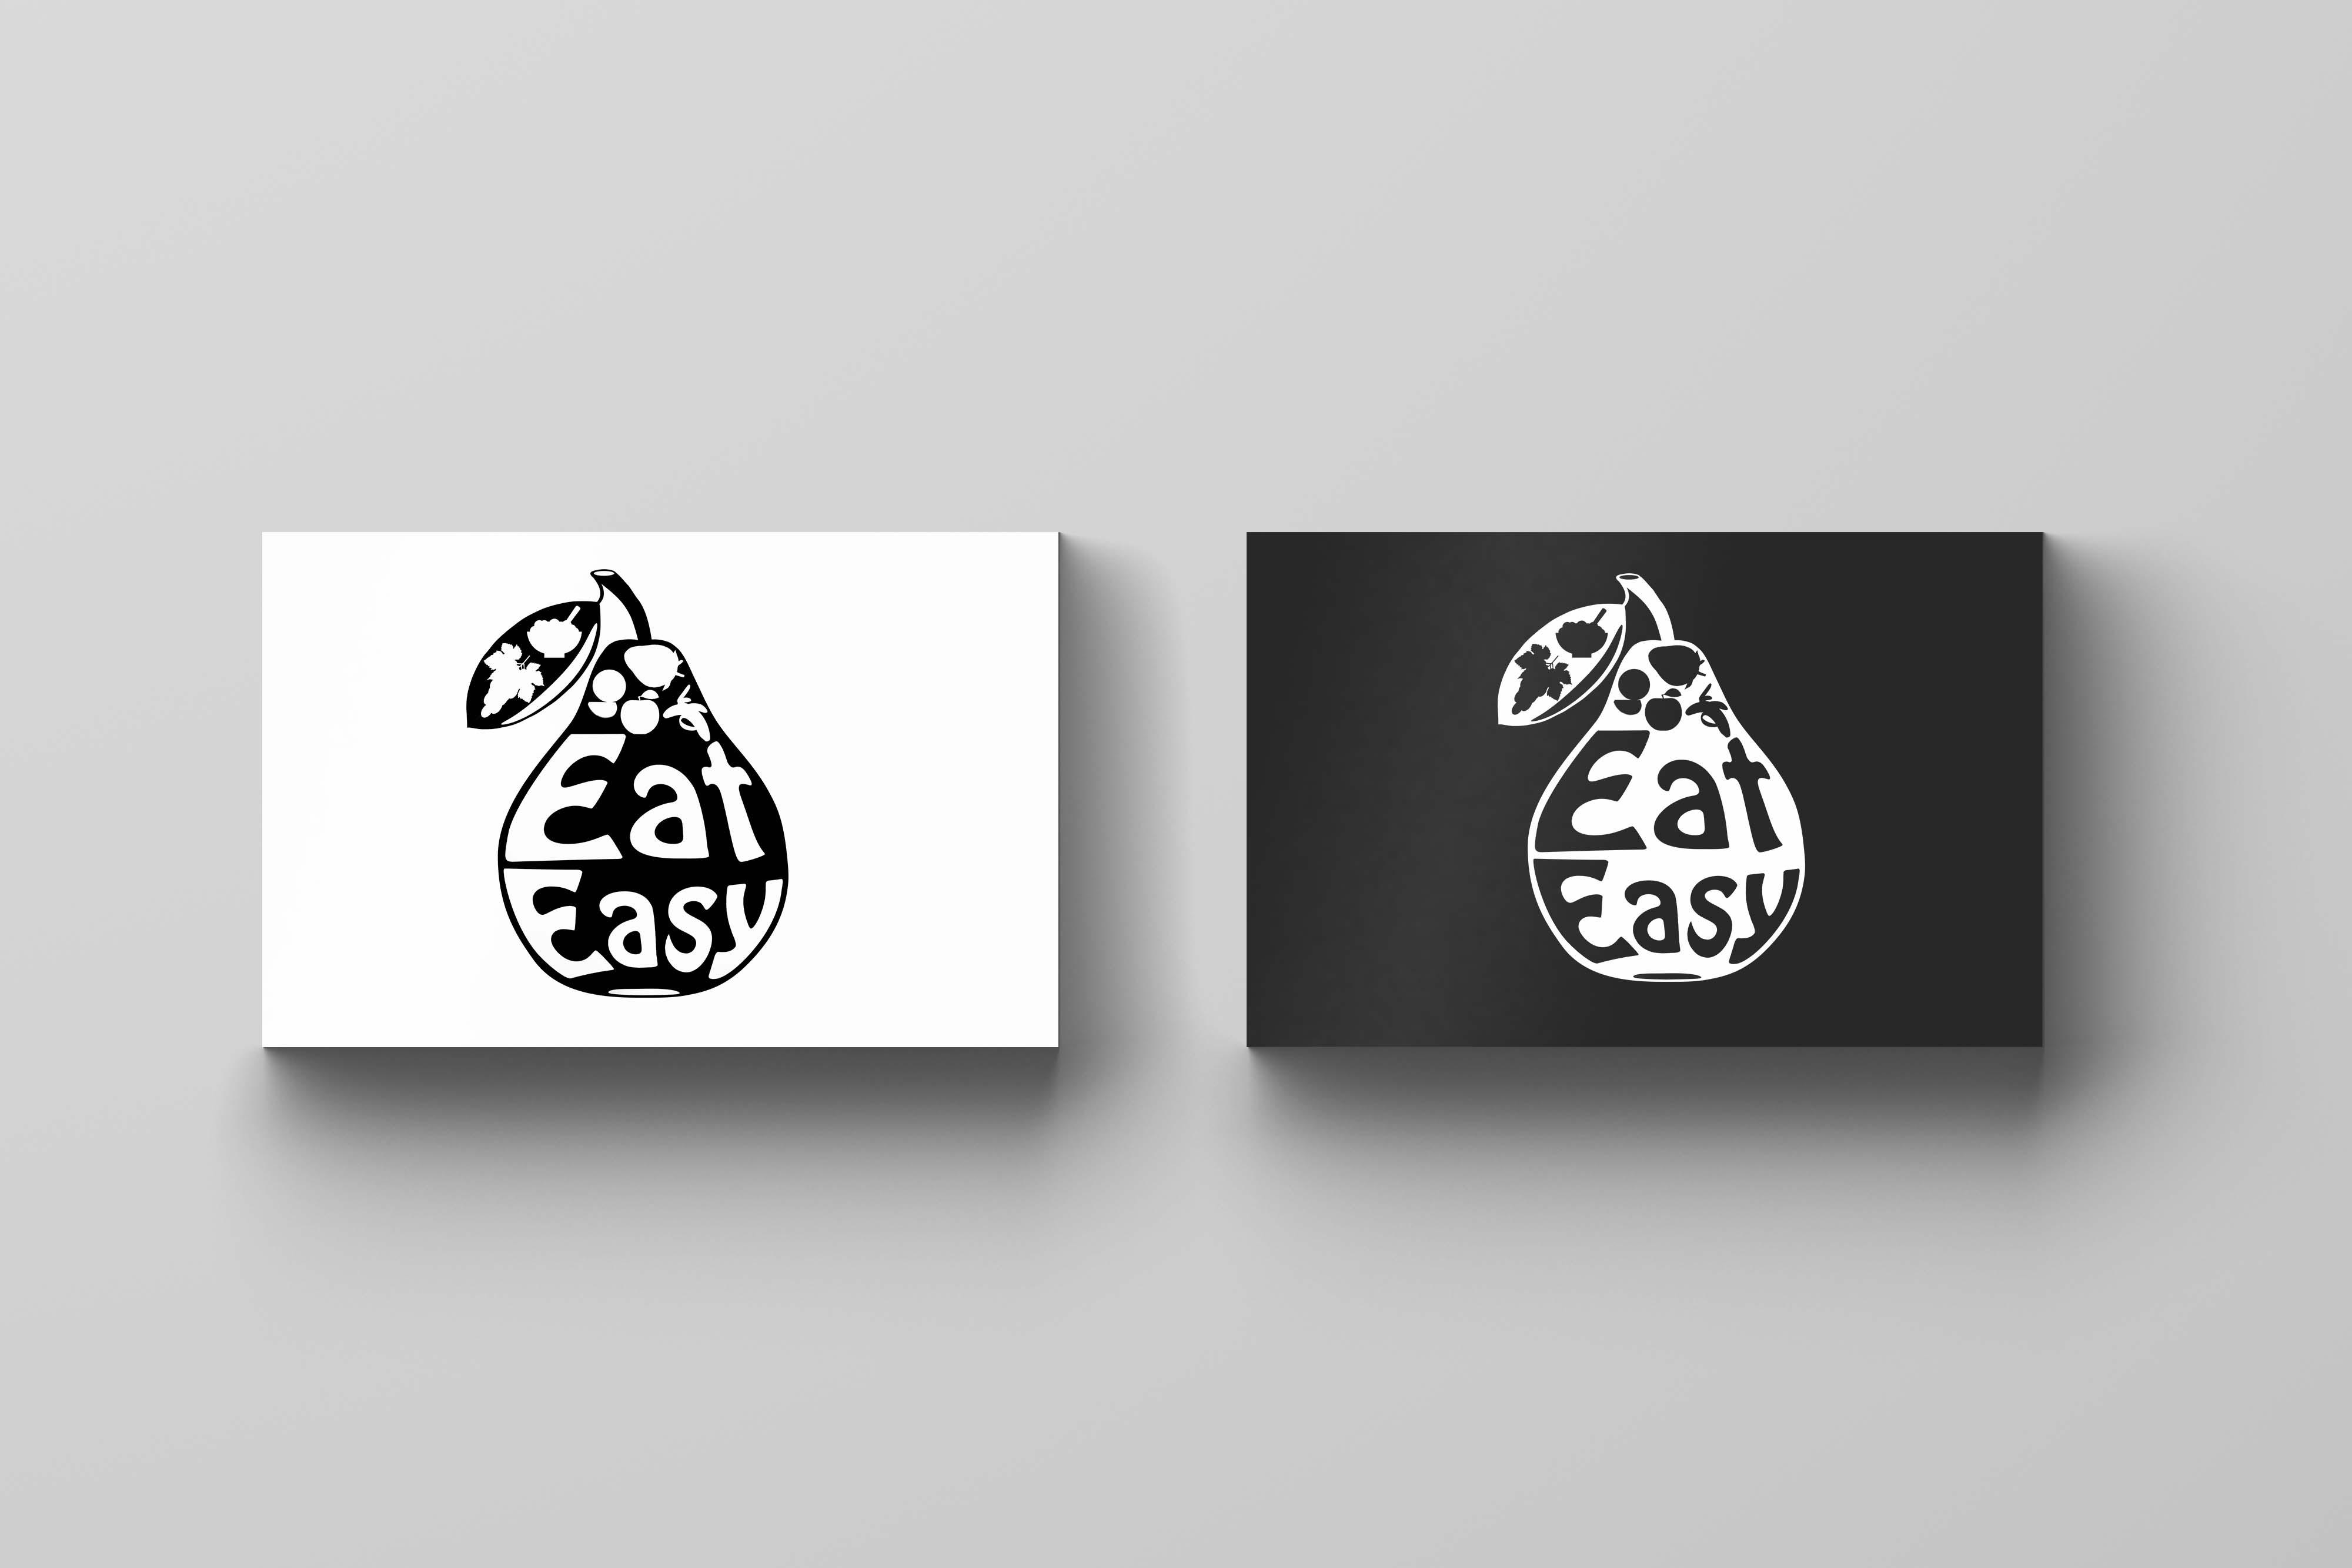 Дизайн логотипа, новое название фото f_3355b0420ed4dba8.jpg